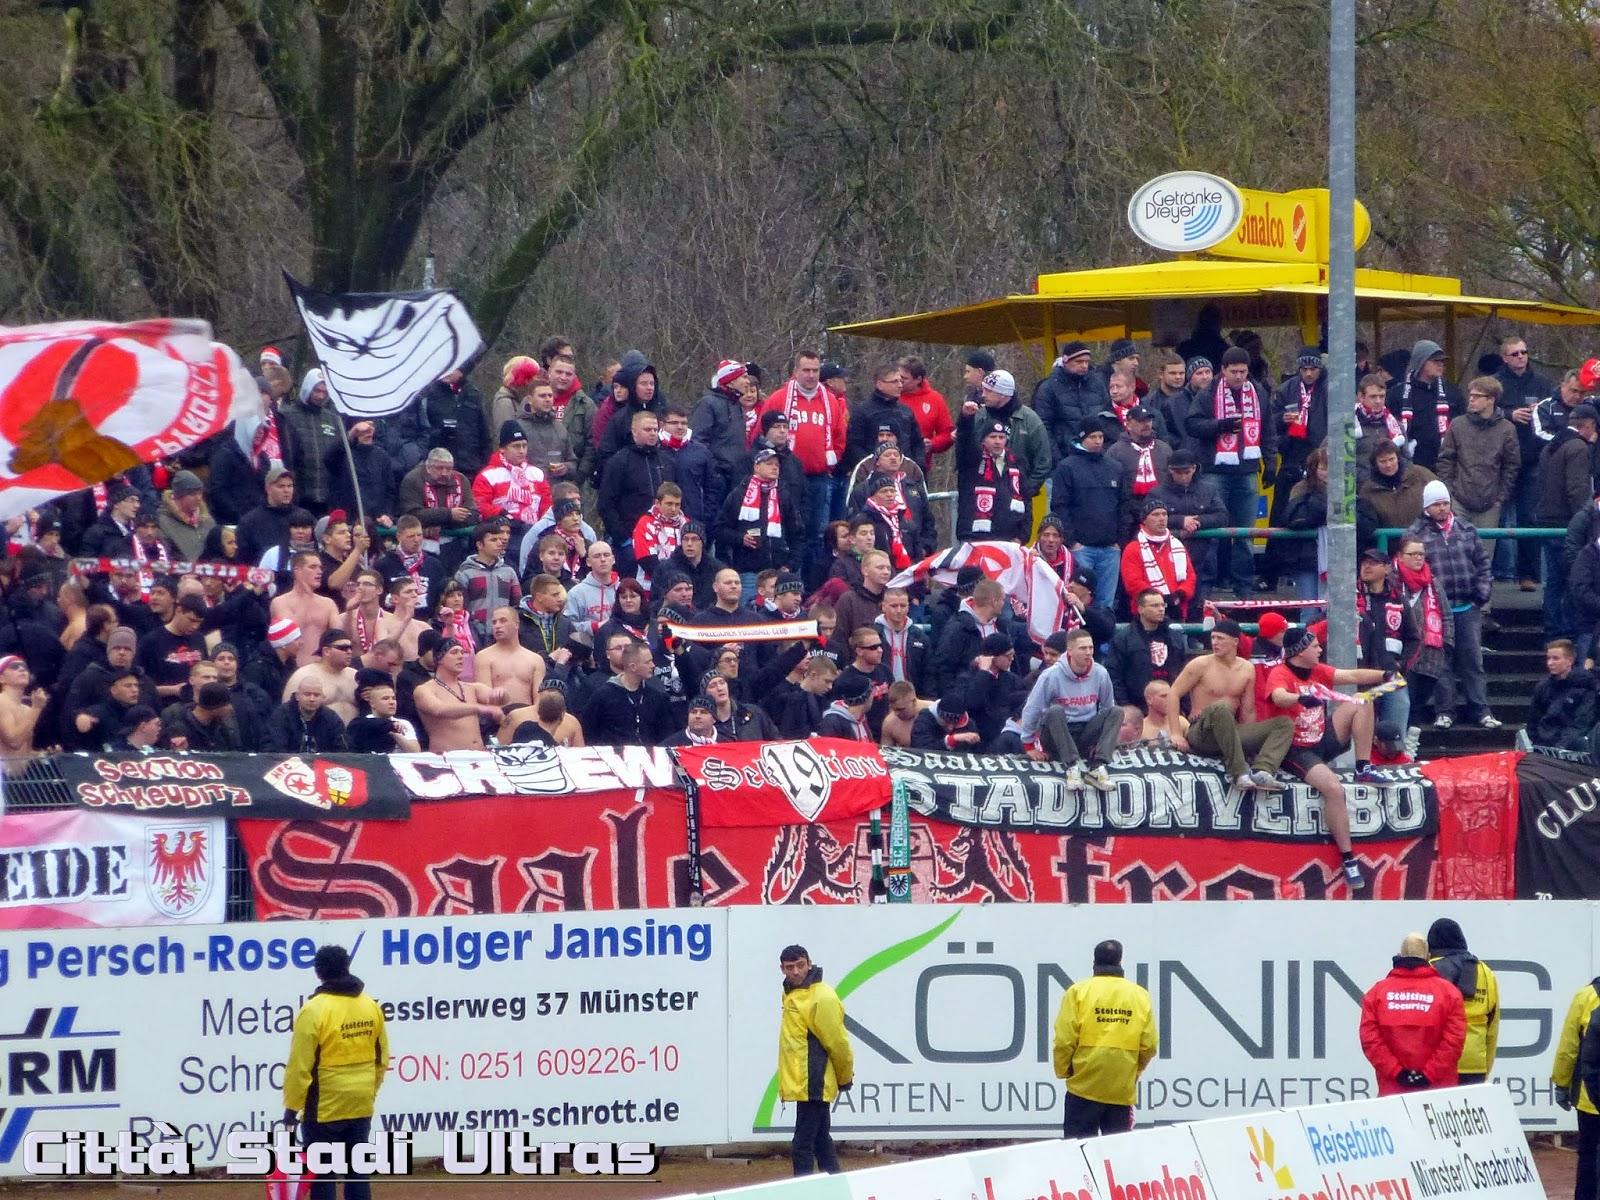 Città Stadi Ultras: SC Preußen Münster - Hallescher FC